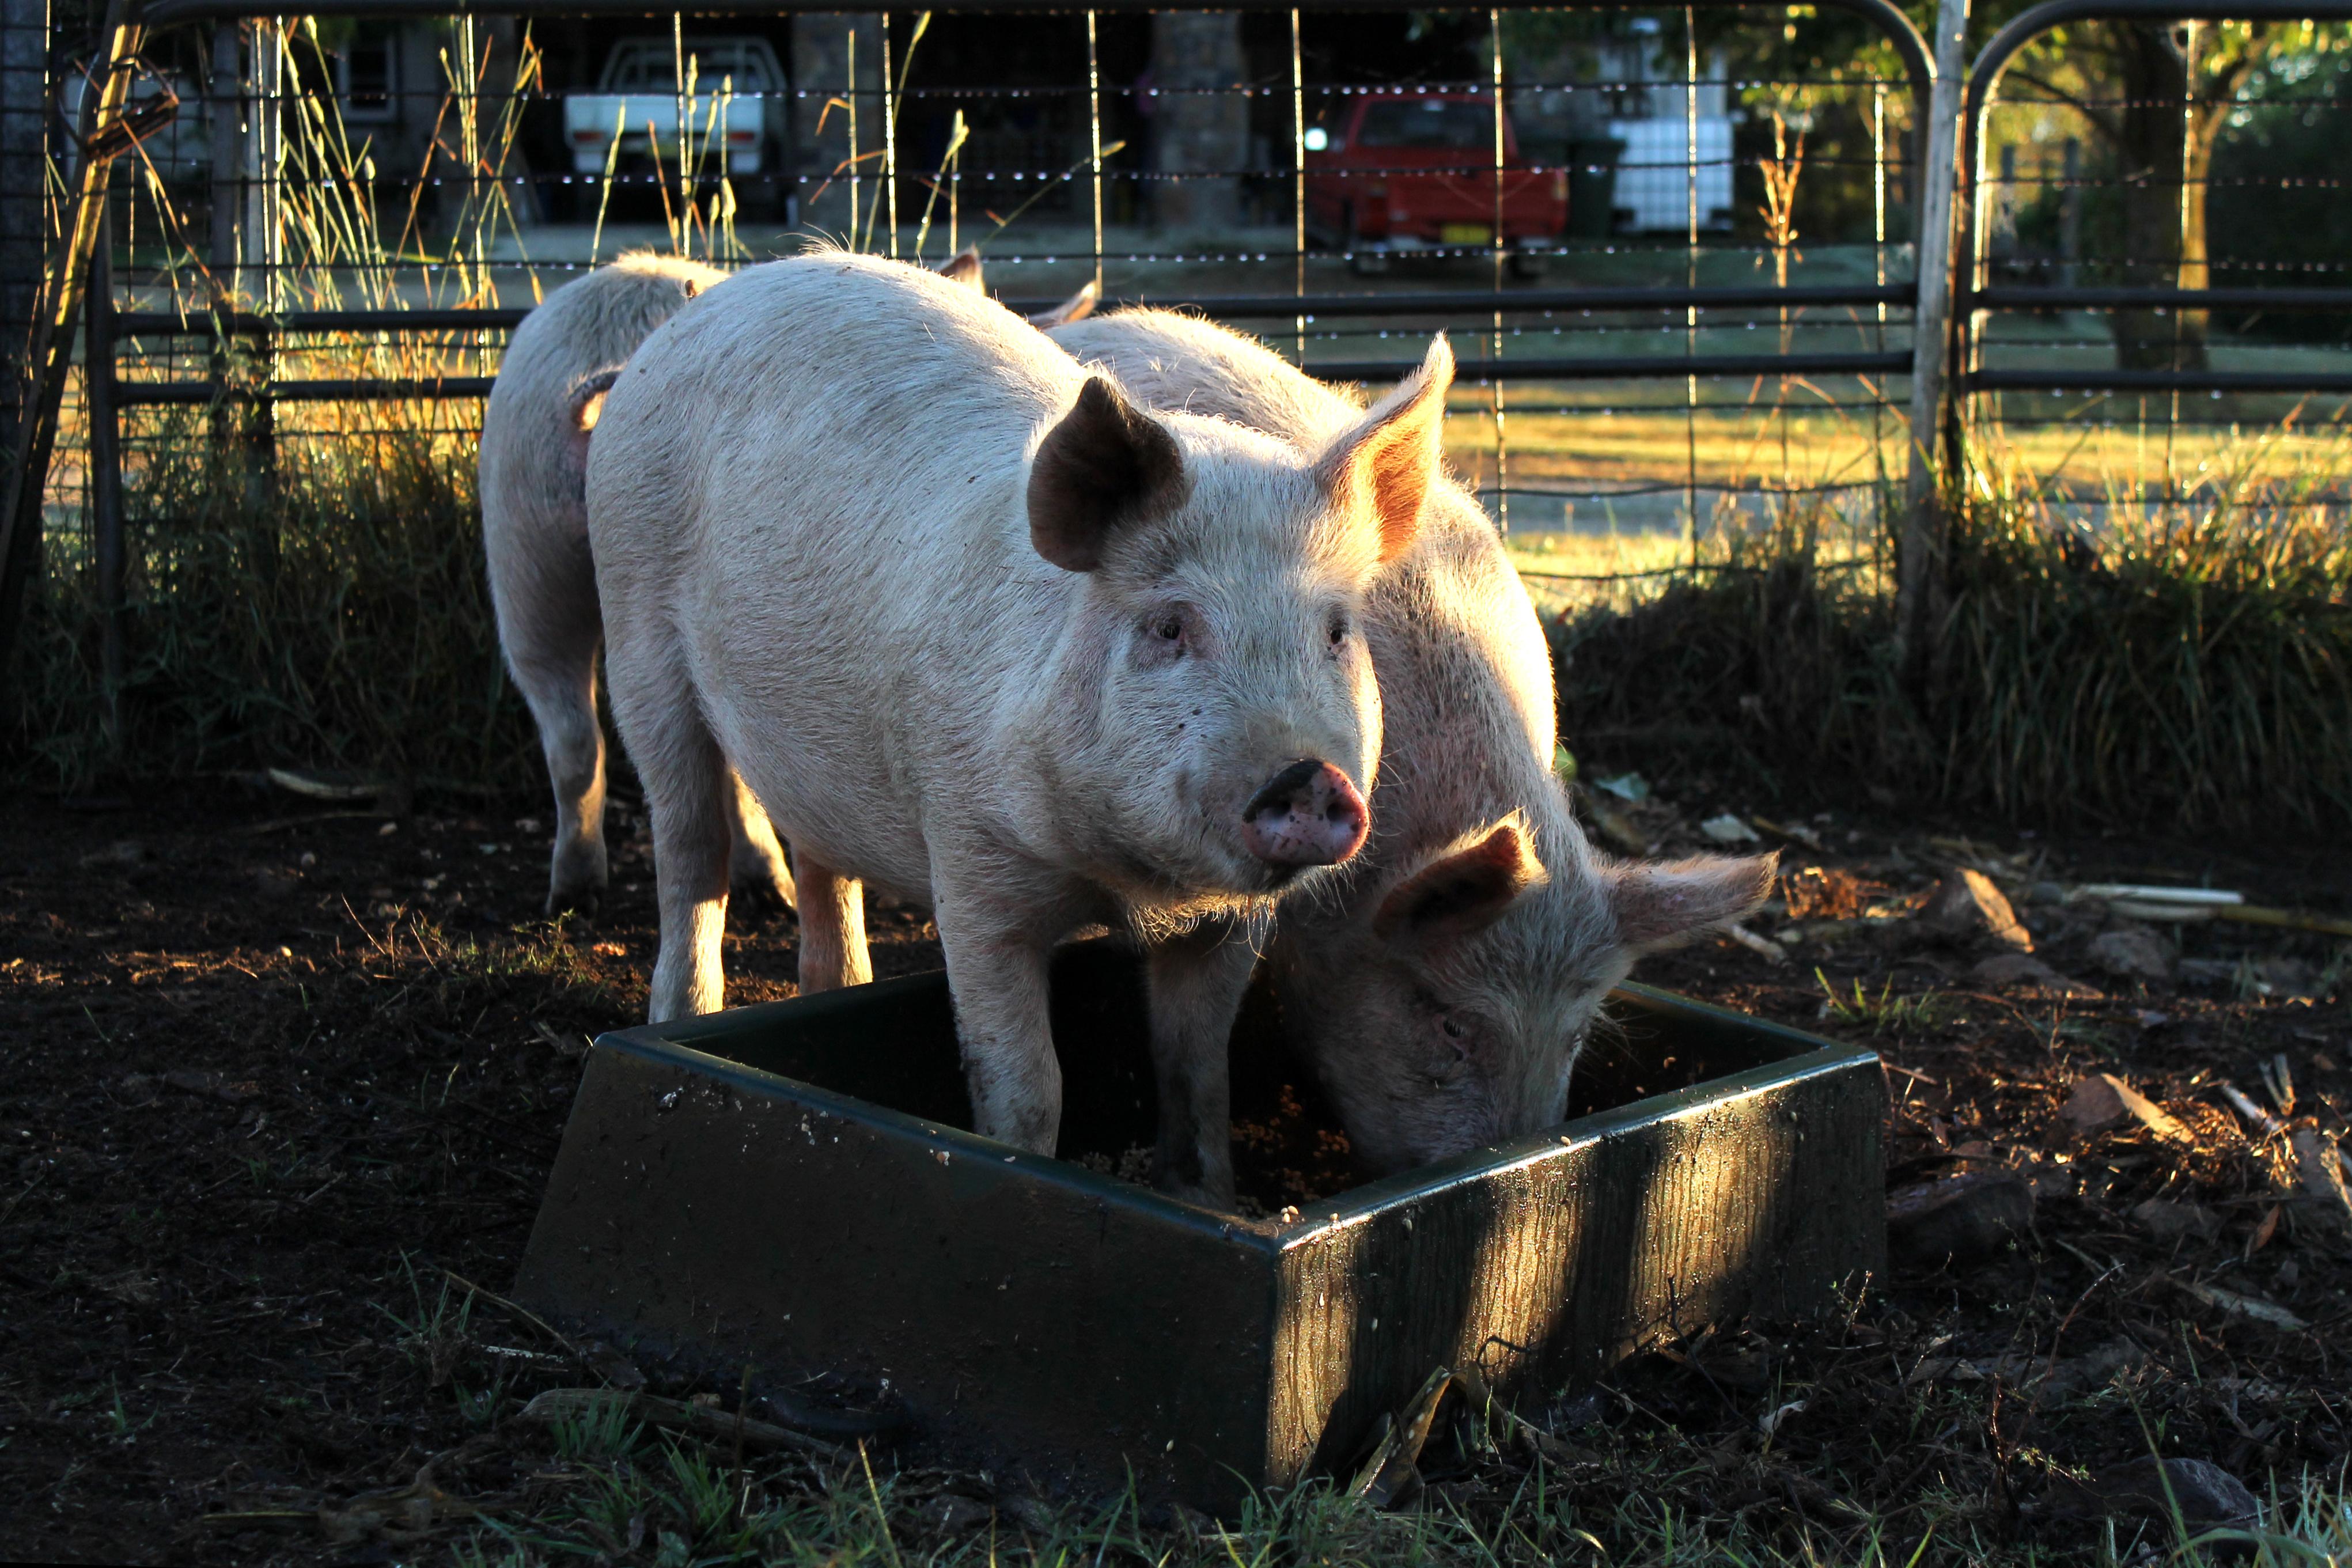 Past Piglets